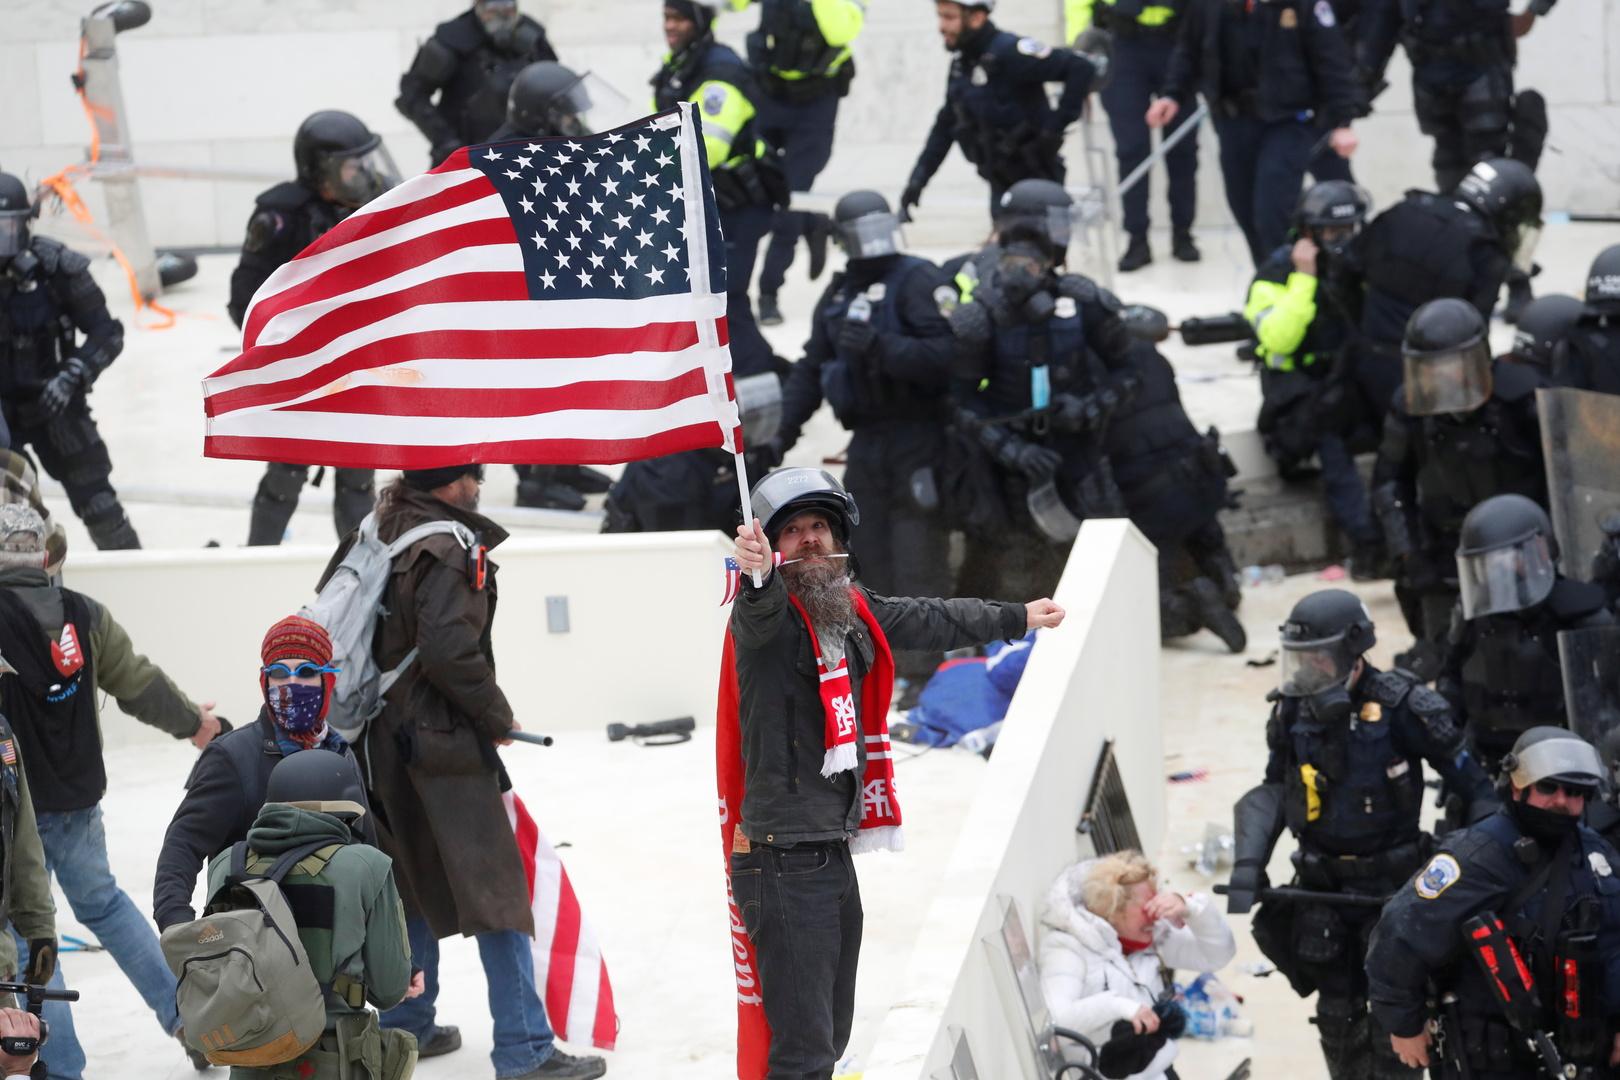 مراسلنا: عمدة واشنطن توسع حالة الطوارئ لأسبوعين وهي المدة المتبقية للرئيس ترامب في الحكم